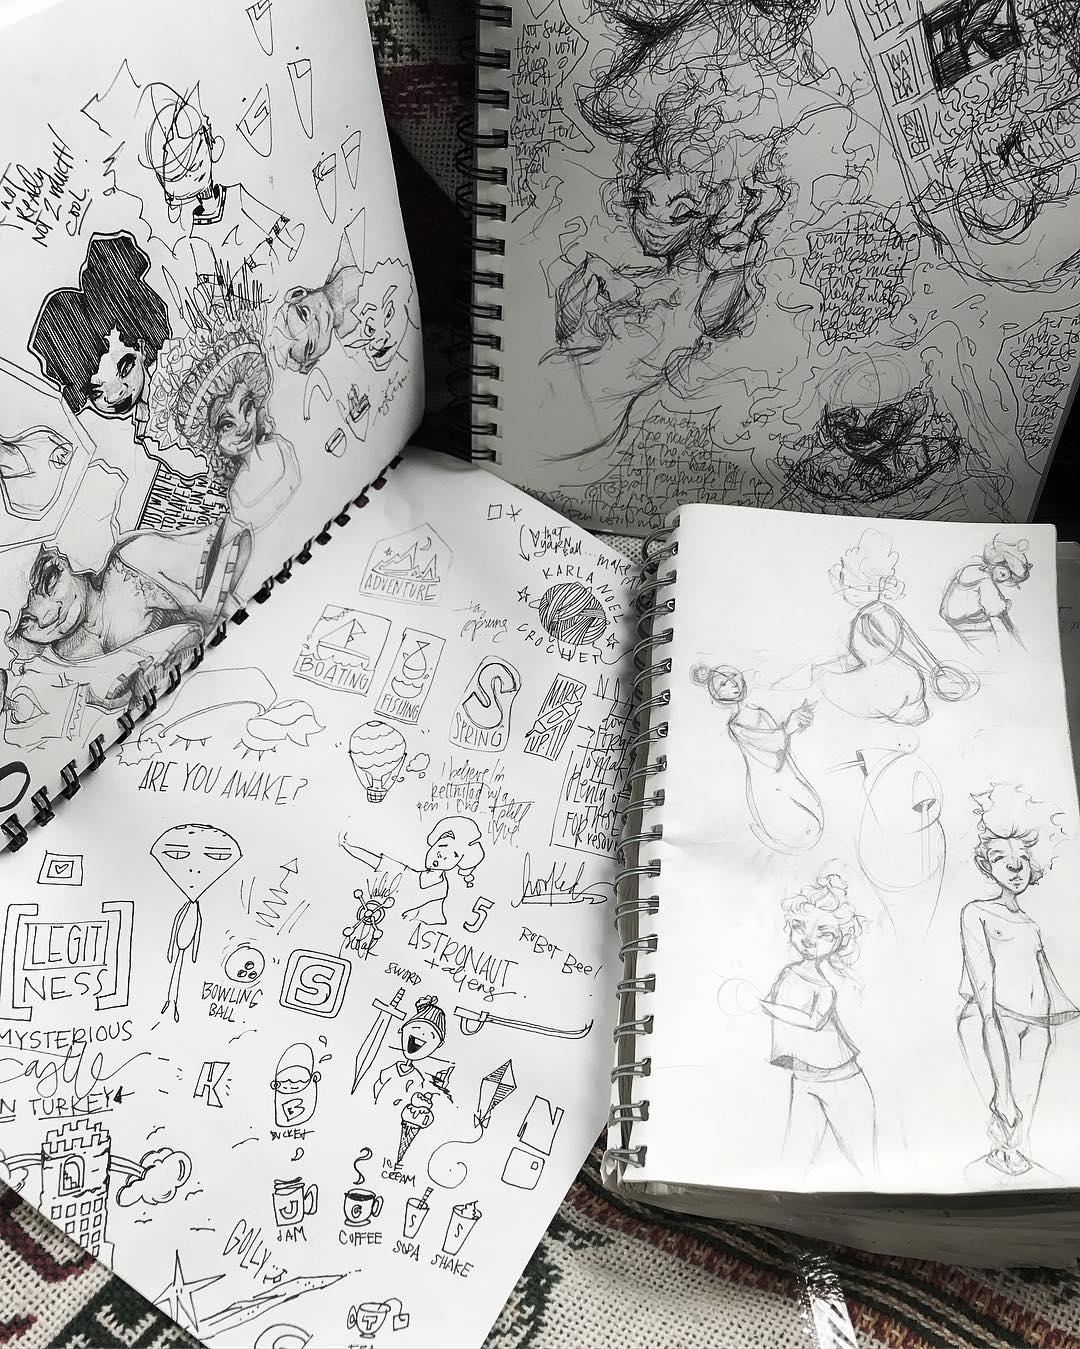 [ Inside The Sketchbook 1 // 2018 / Pencil & Ink ]